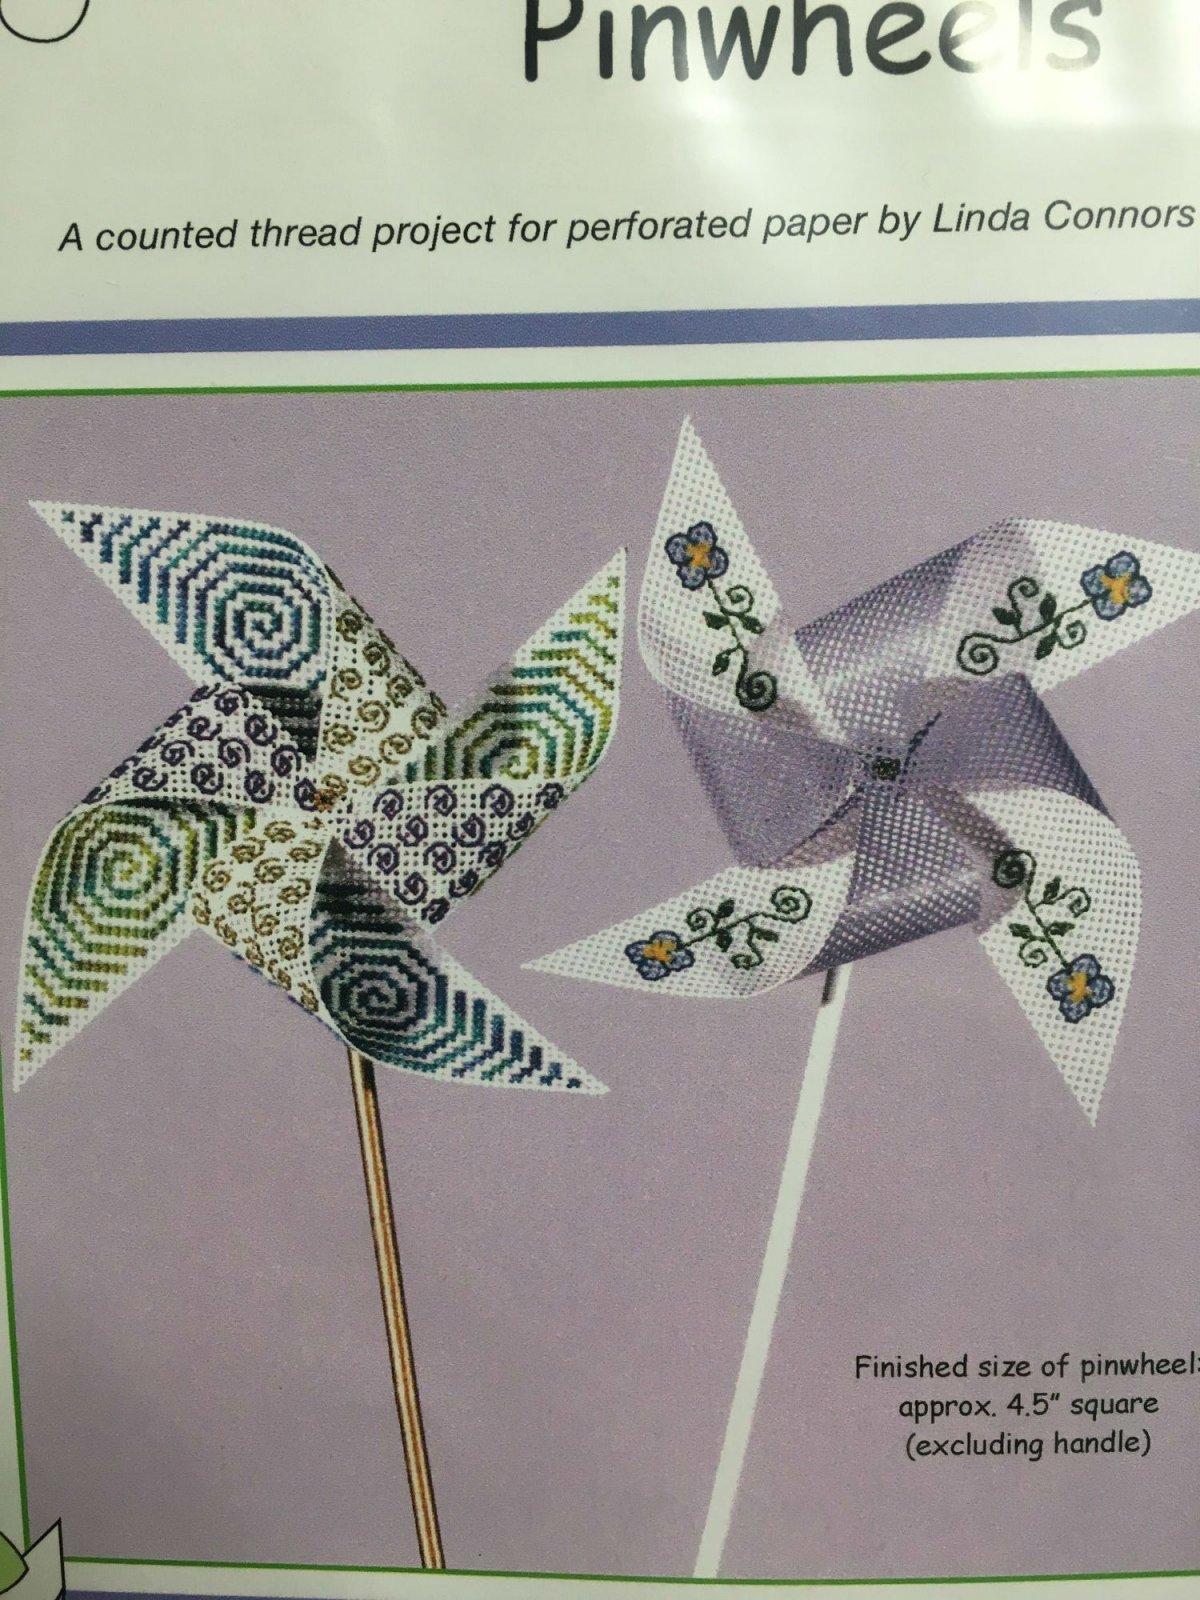 Calico Crossroads Spiral Blooms Pinwheels